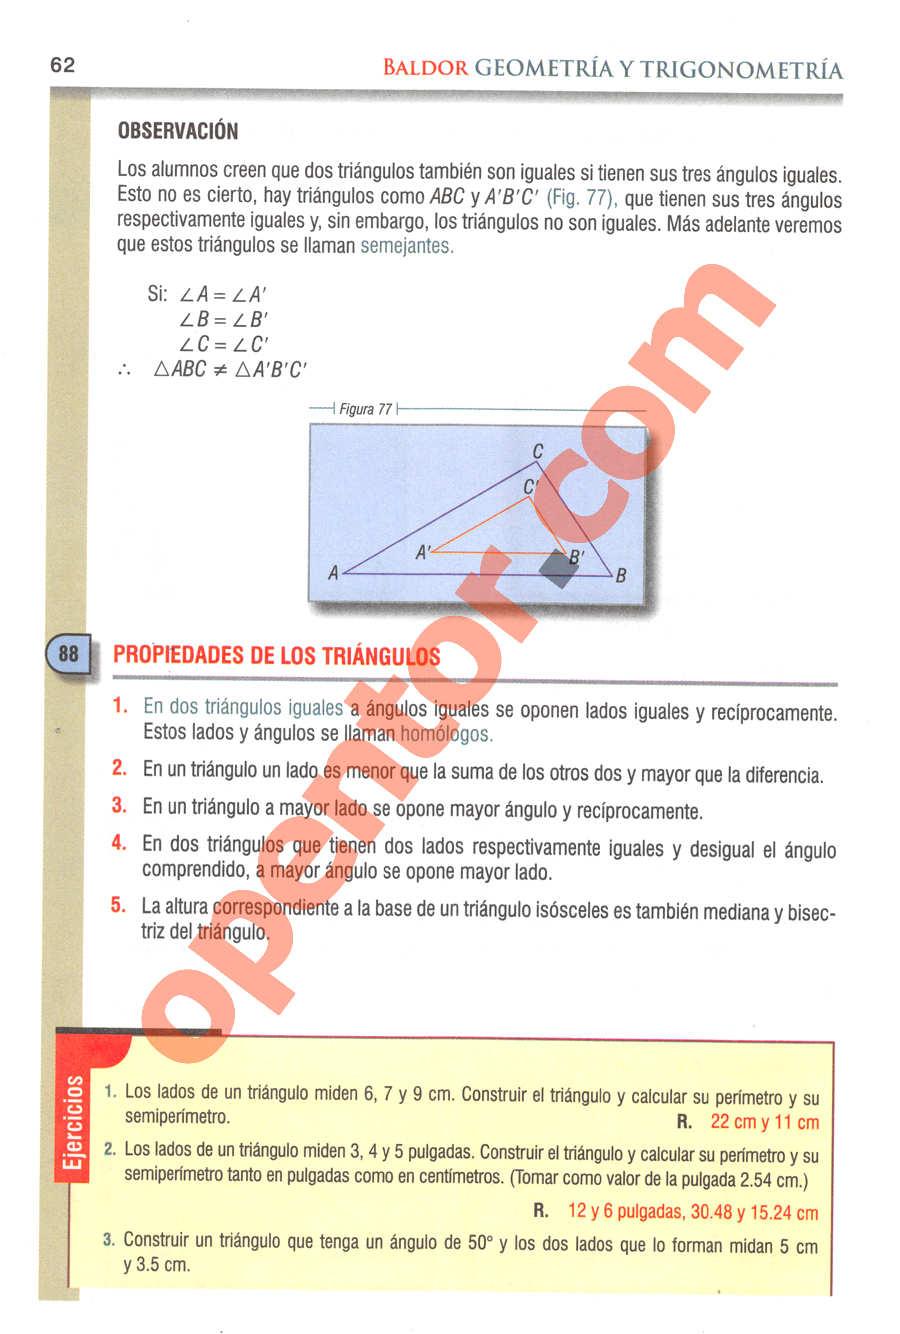 Geometría y Trigonometría de Baldor - Página 62